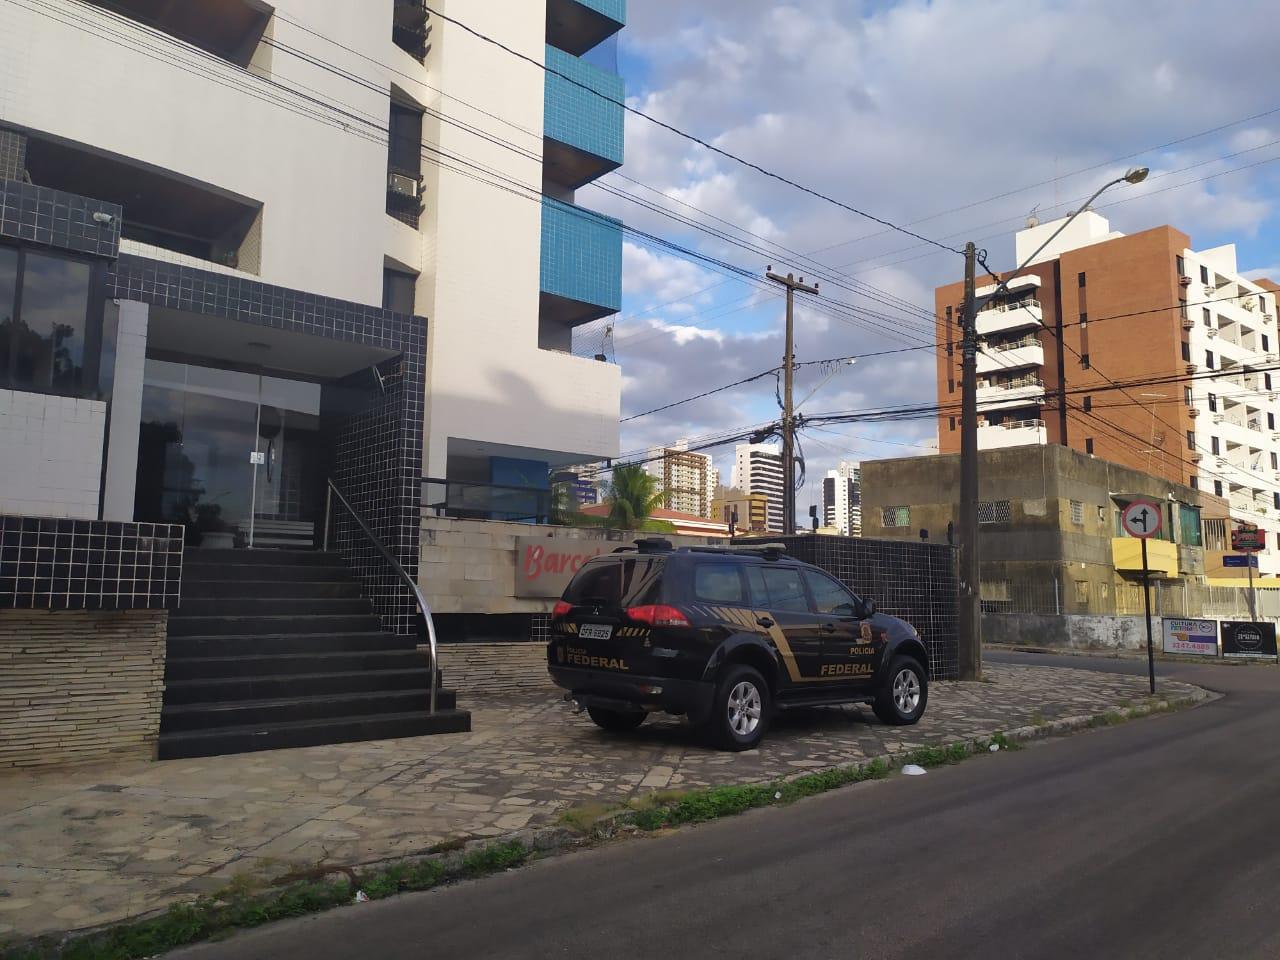 906cba3e ab91 40fb b03f ea4943c818c4 - Polícia Federal deflagra operação na manhã desta terça-feira em bairros nobres de João Pessoa